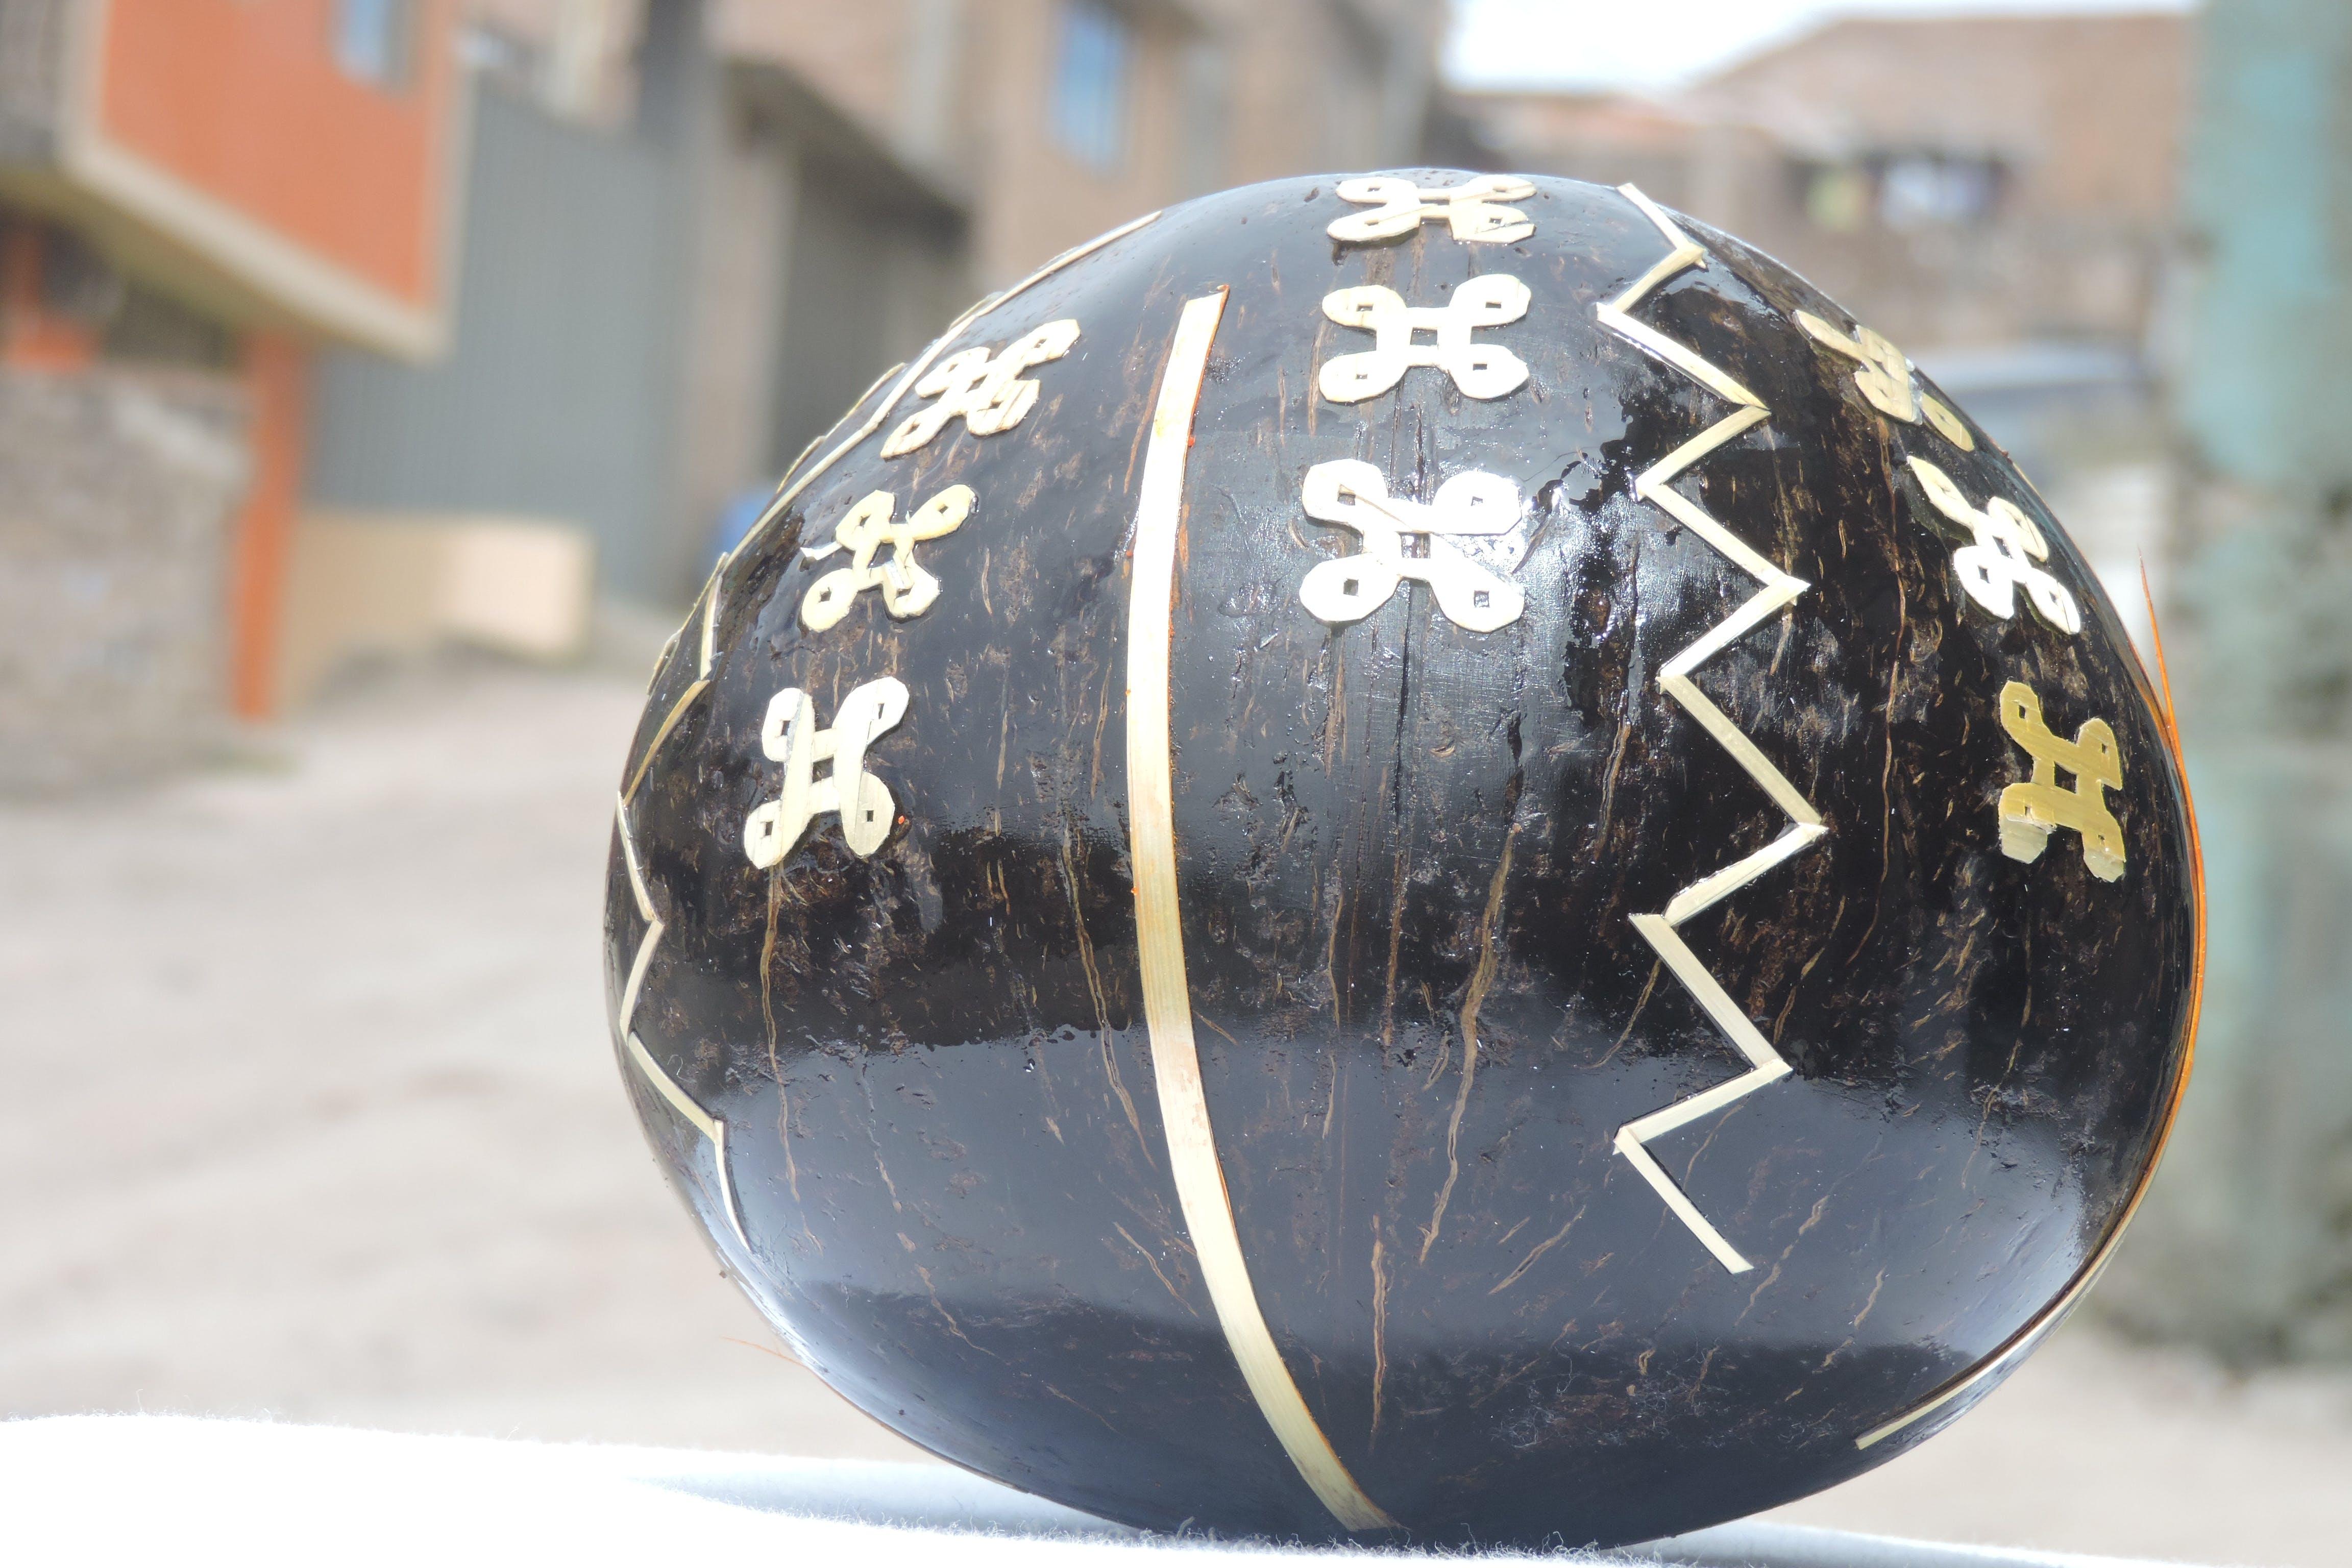 공예, 예술, 왕겨, 코코넛의 무료 스톡 사진